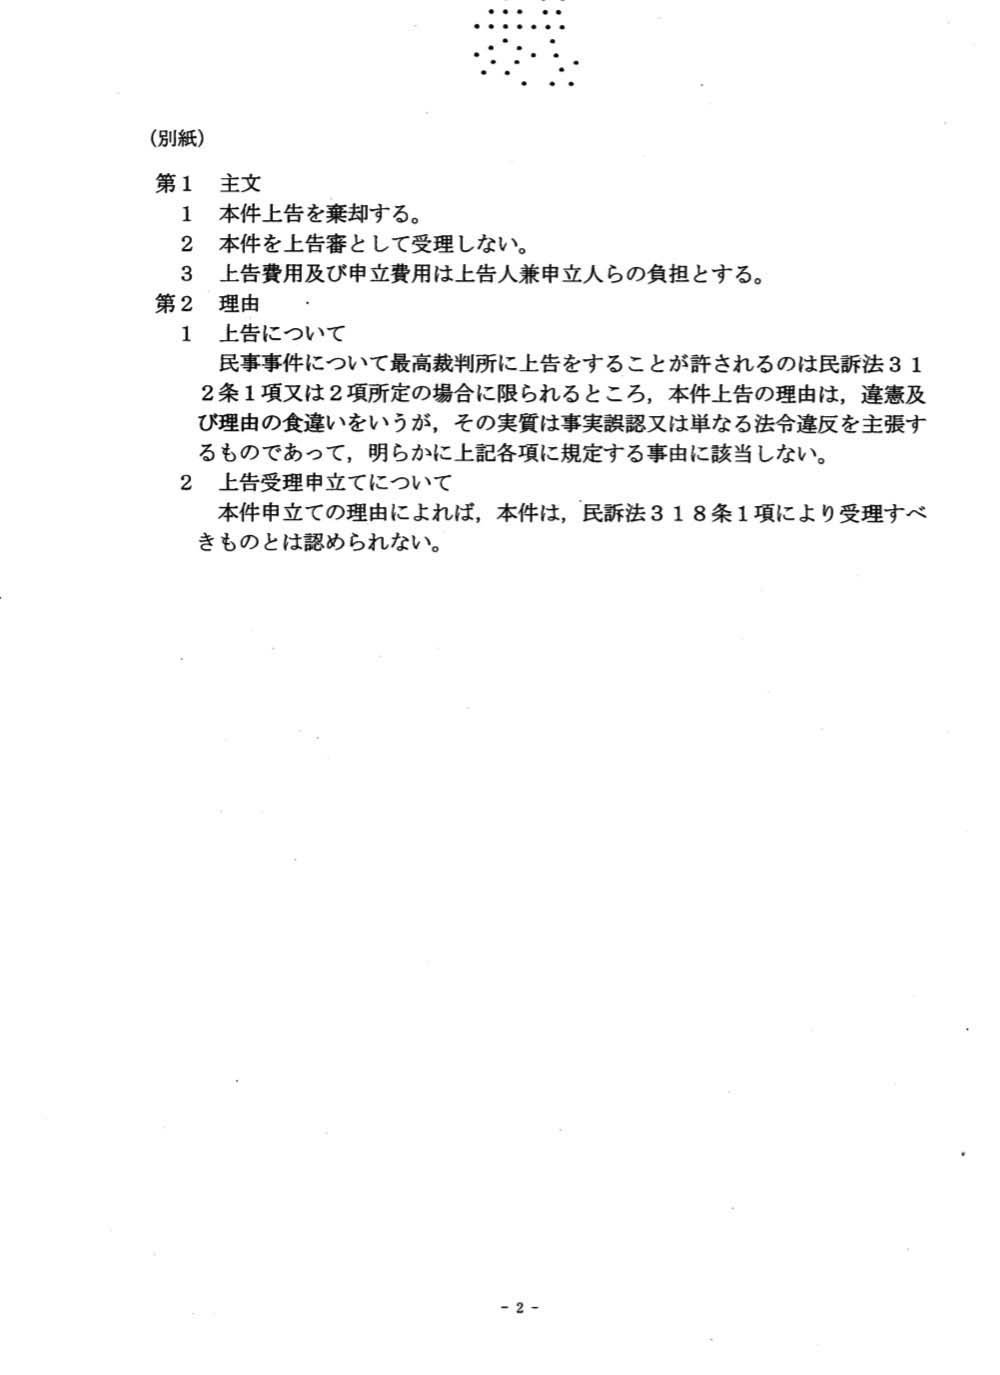 saikousai180524-2.jpg